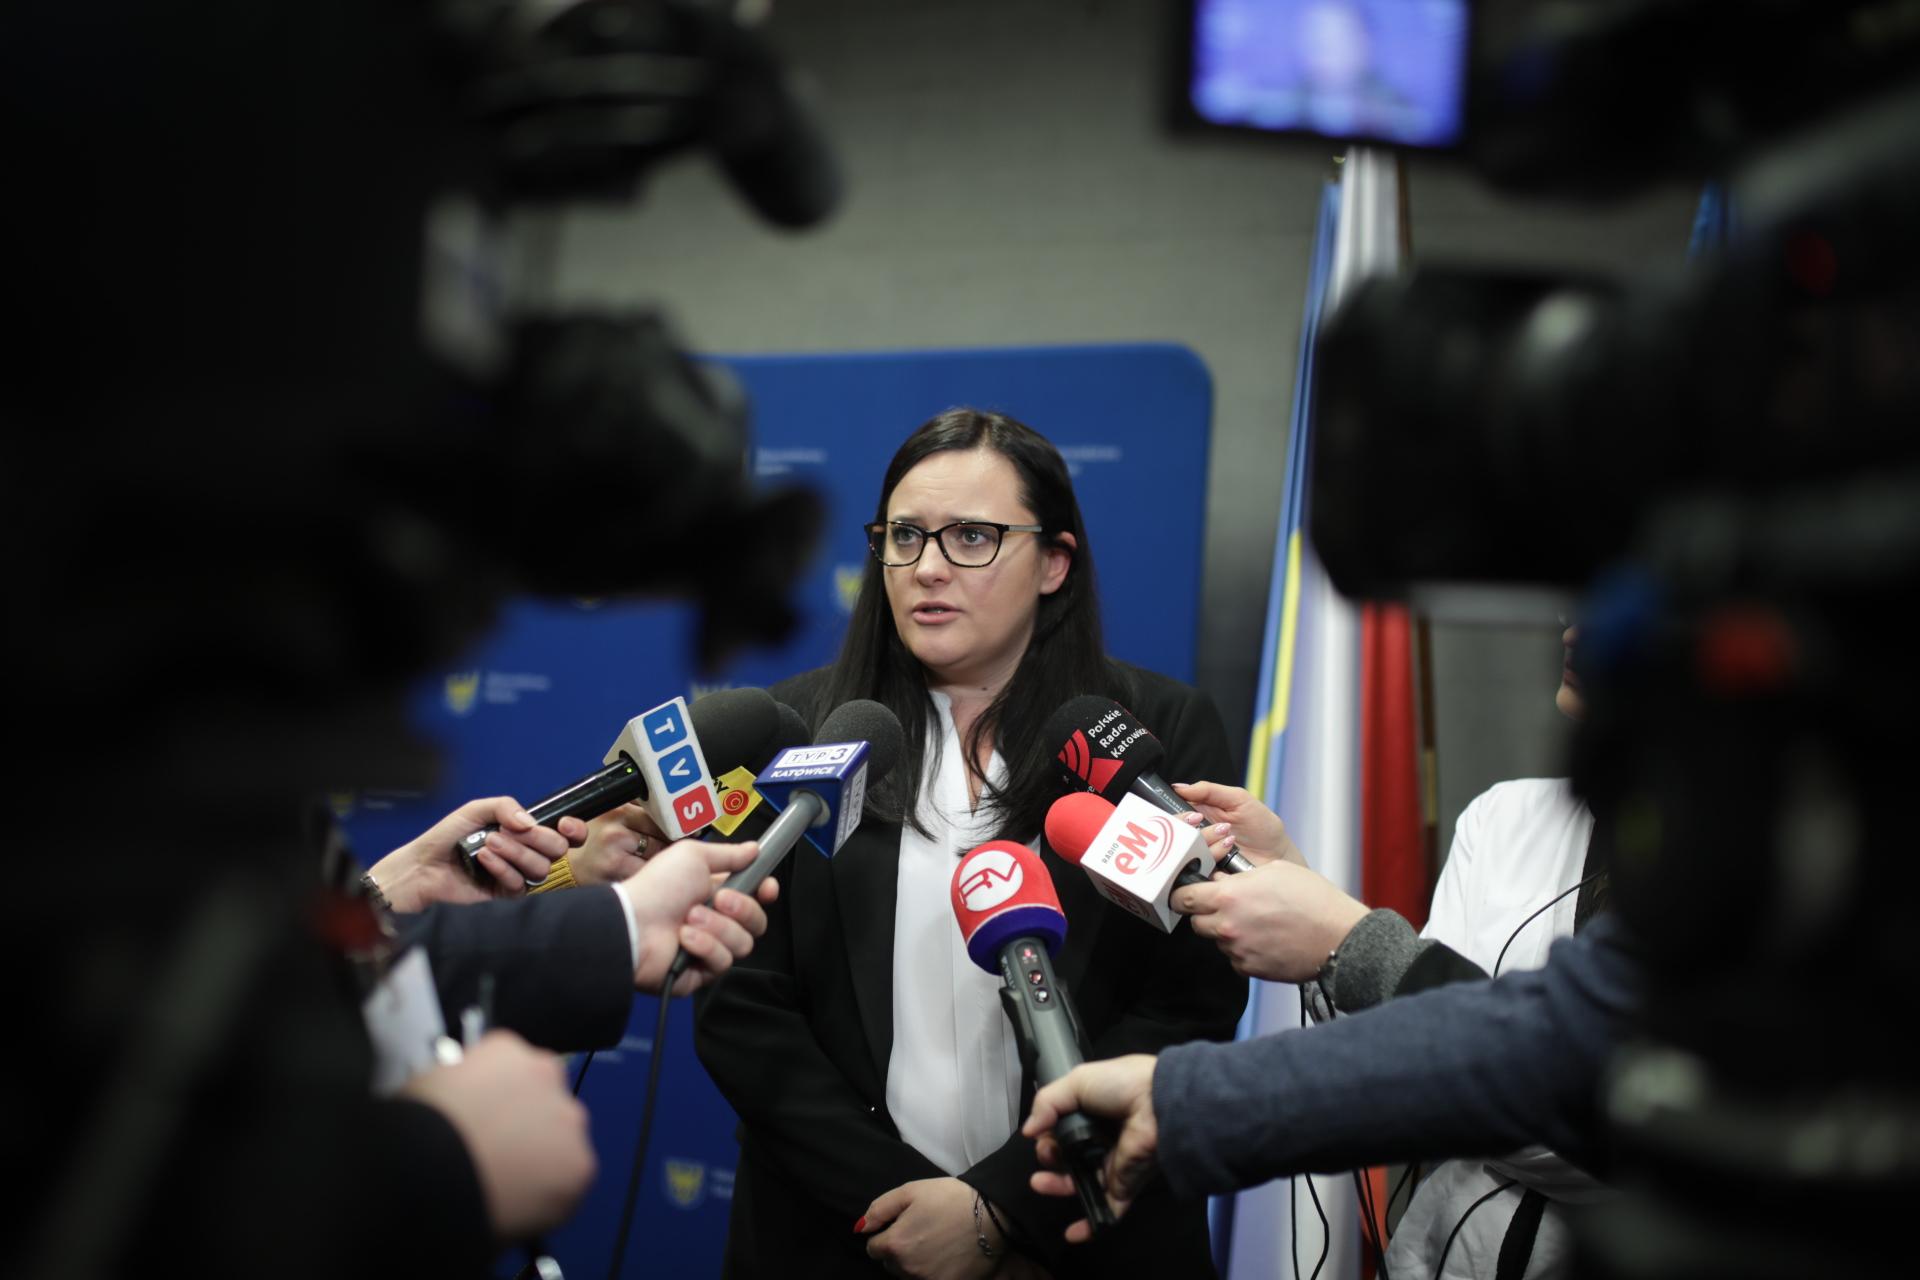 Na pierwszym planie Małgorzata Jarosińska-Jedynak. Wokół niej dziennikarze z mikrofonami i kamerami.